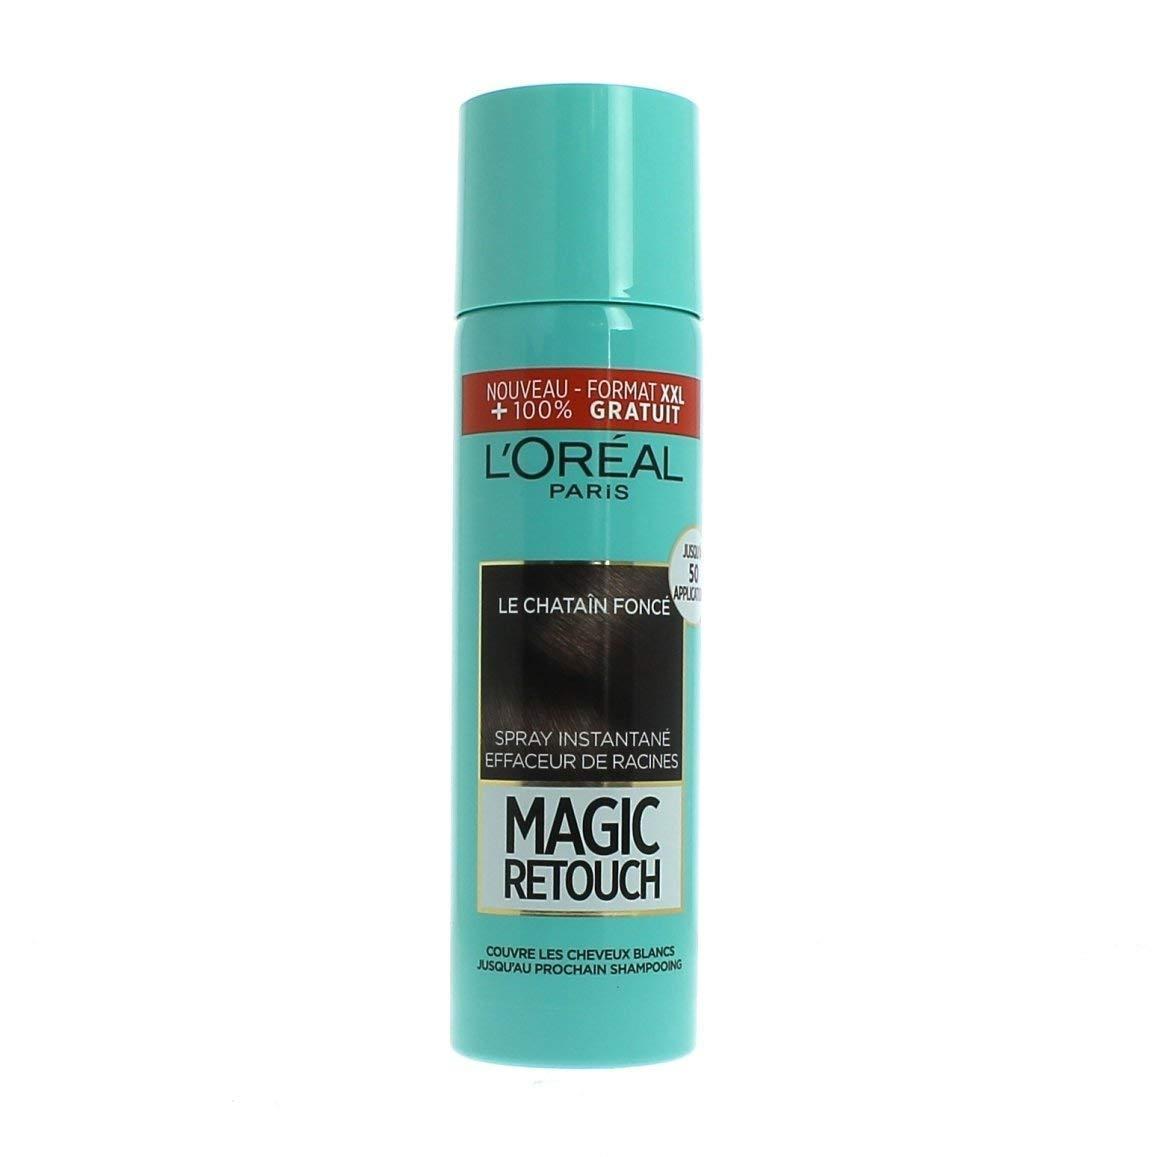 MAXI FORMATO!!Magic Retouch effaceur di radice l' Oréal Paris NERO